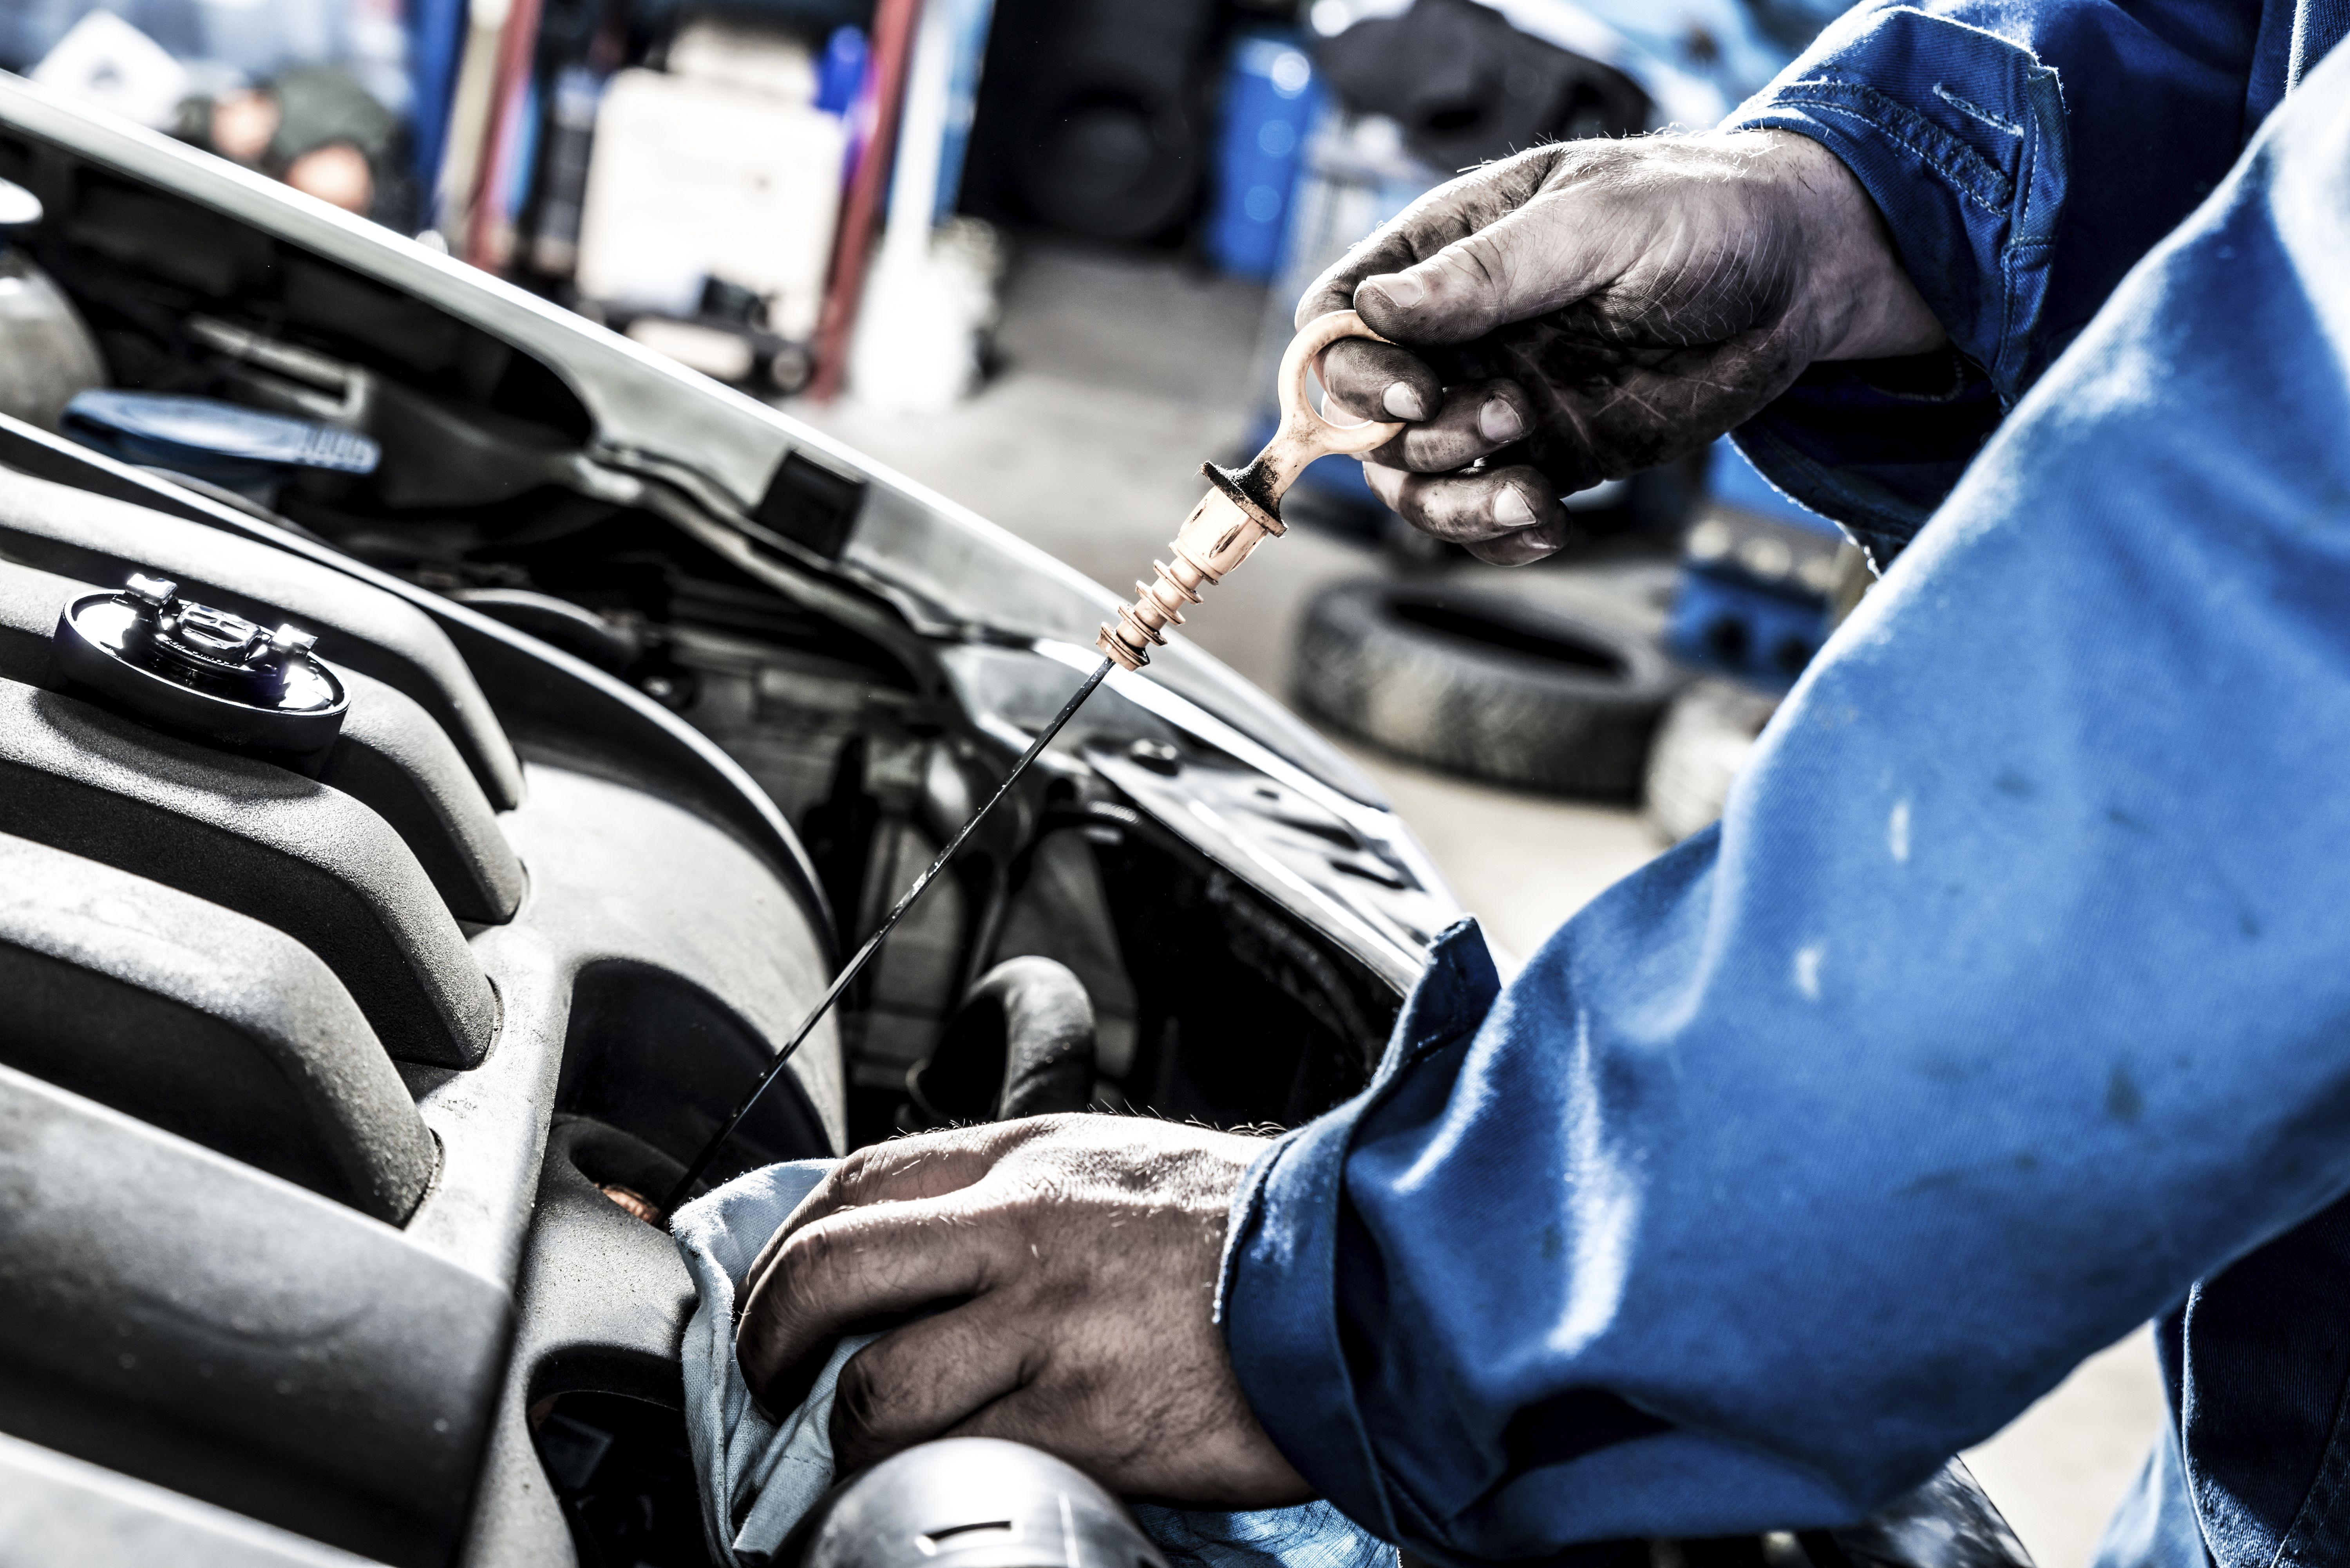 Mecánica: Catálogo de Mendaur Motor